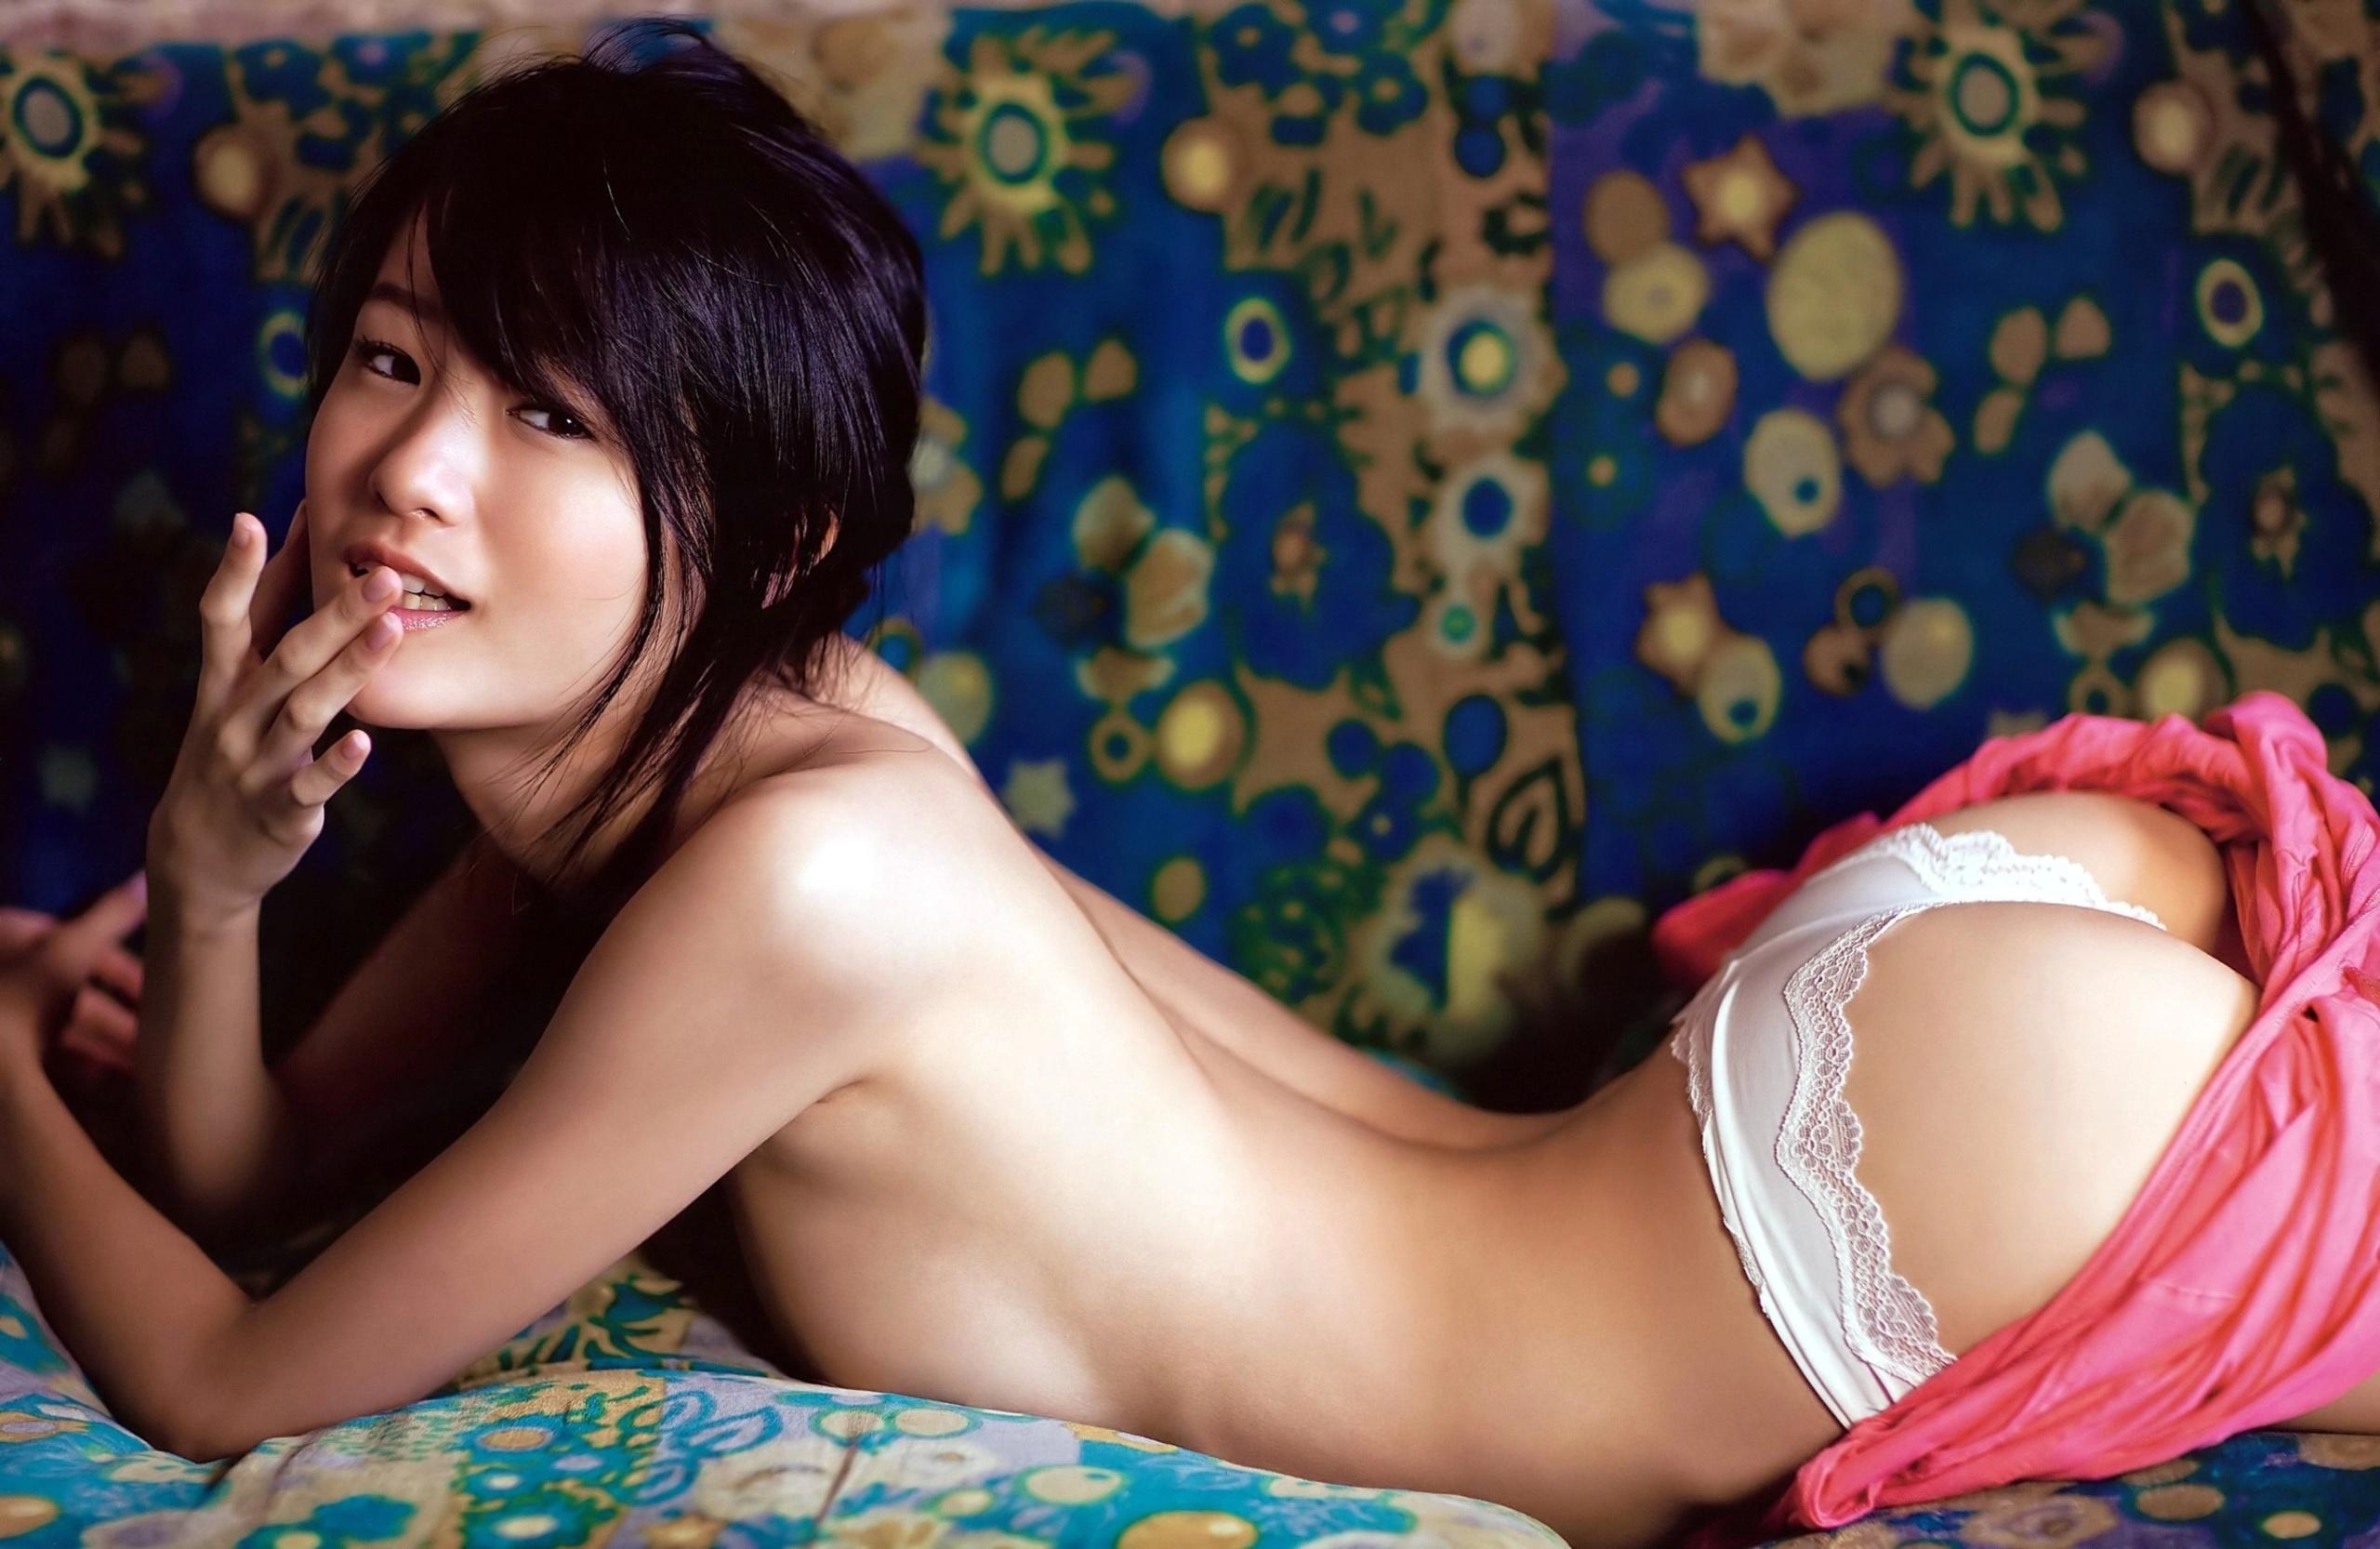 Фото китаянки в трусиках, видео девушка засунула пальцы в член